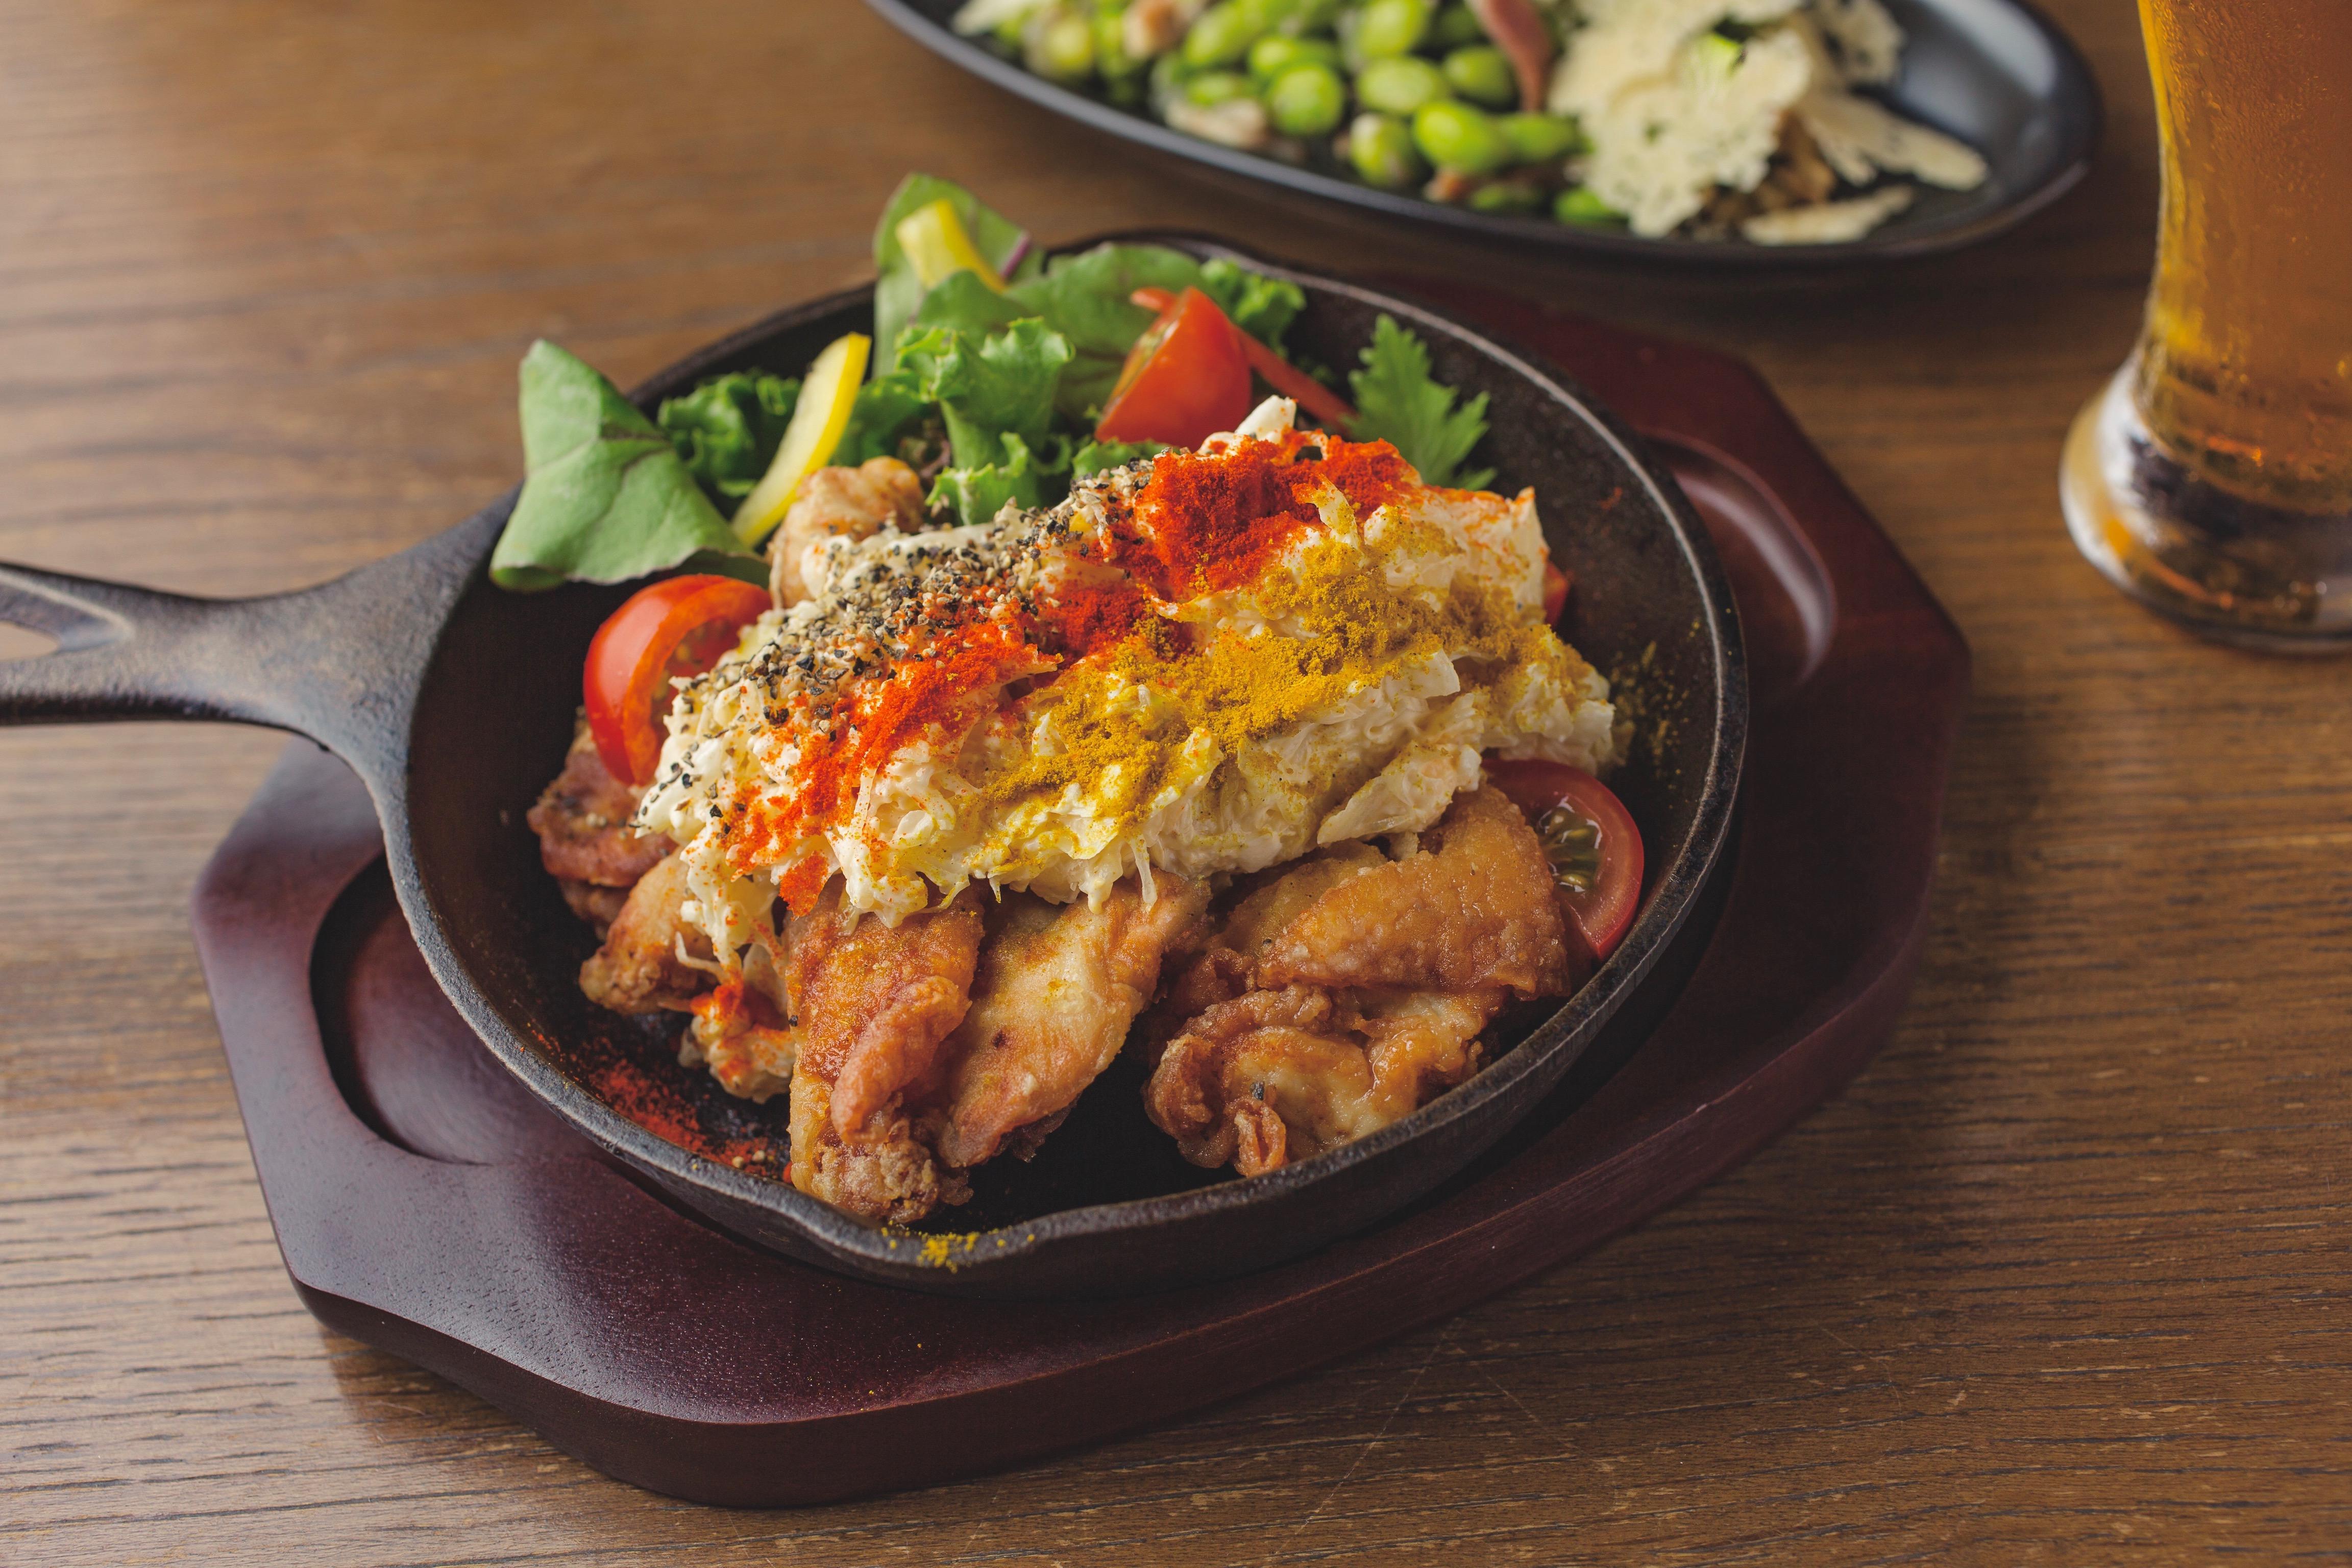 名古屋駅直結「タワーズプラザ レストラン街」がリニューアル!東海初出店のお店が続々オープン - MG 0034